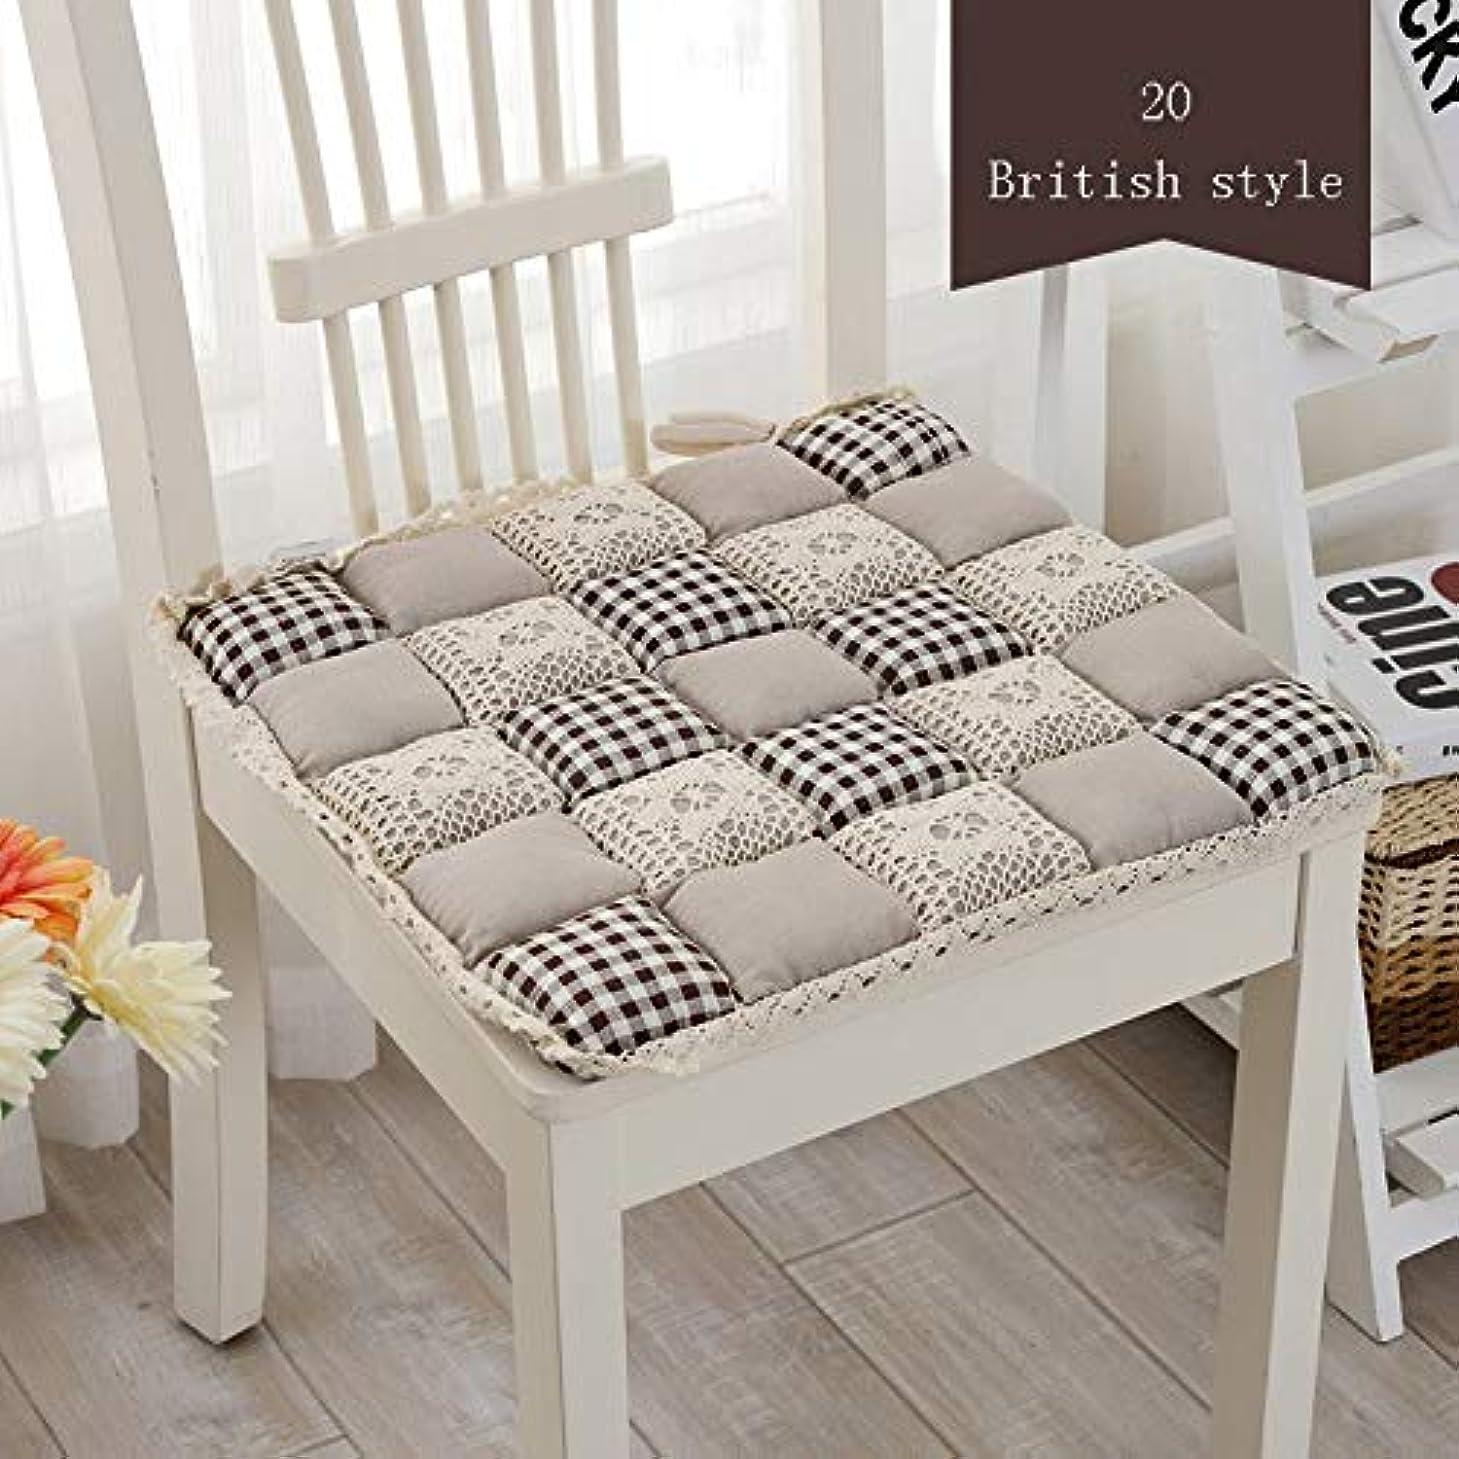 二倒錯作者LIFE 1 個抗褥瘡綿椅子クッション 24 色ファッションオフィス正方形クッション学生チェアクッション家の装飾厚み クッション 椅子